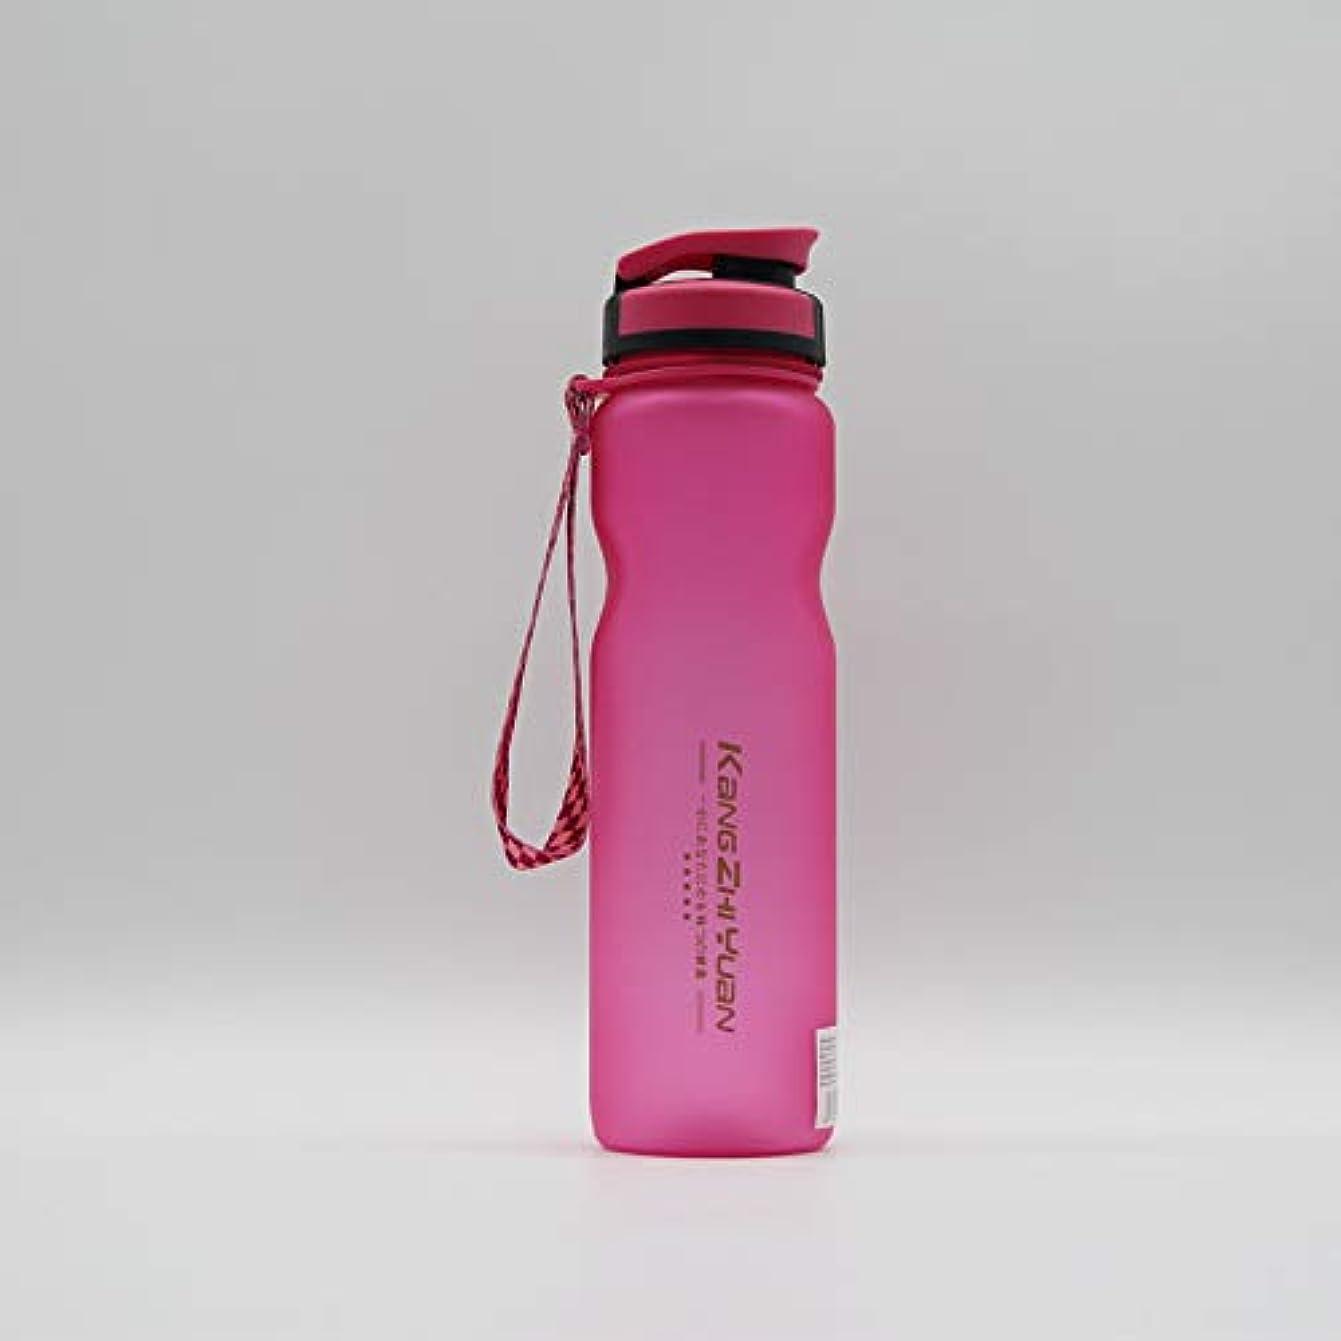 インタビュー構造的盆地ボトル 水筒 ウォーターボトル アウトドアボトル スポーツボトル 1000ml 自転車 大人 子ども アウトドア スポーツ 登山用 プラスチック製 直飲み BPAフリー 漏れない 大容量 おしゃれ 携帯便利 運動用